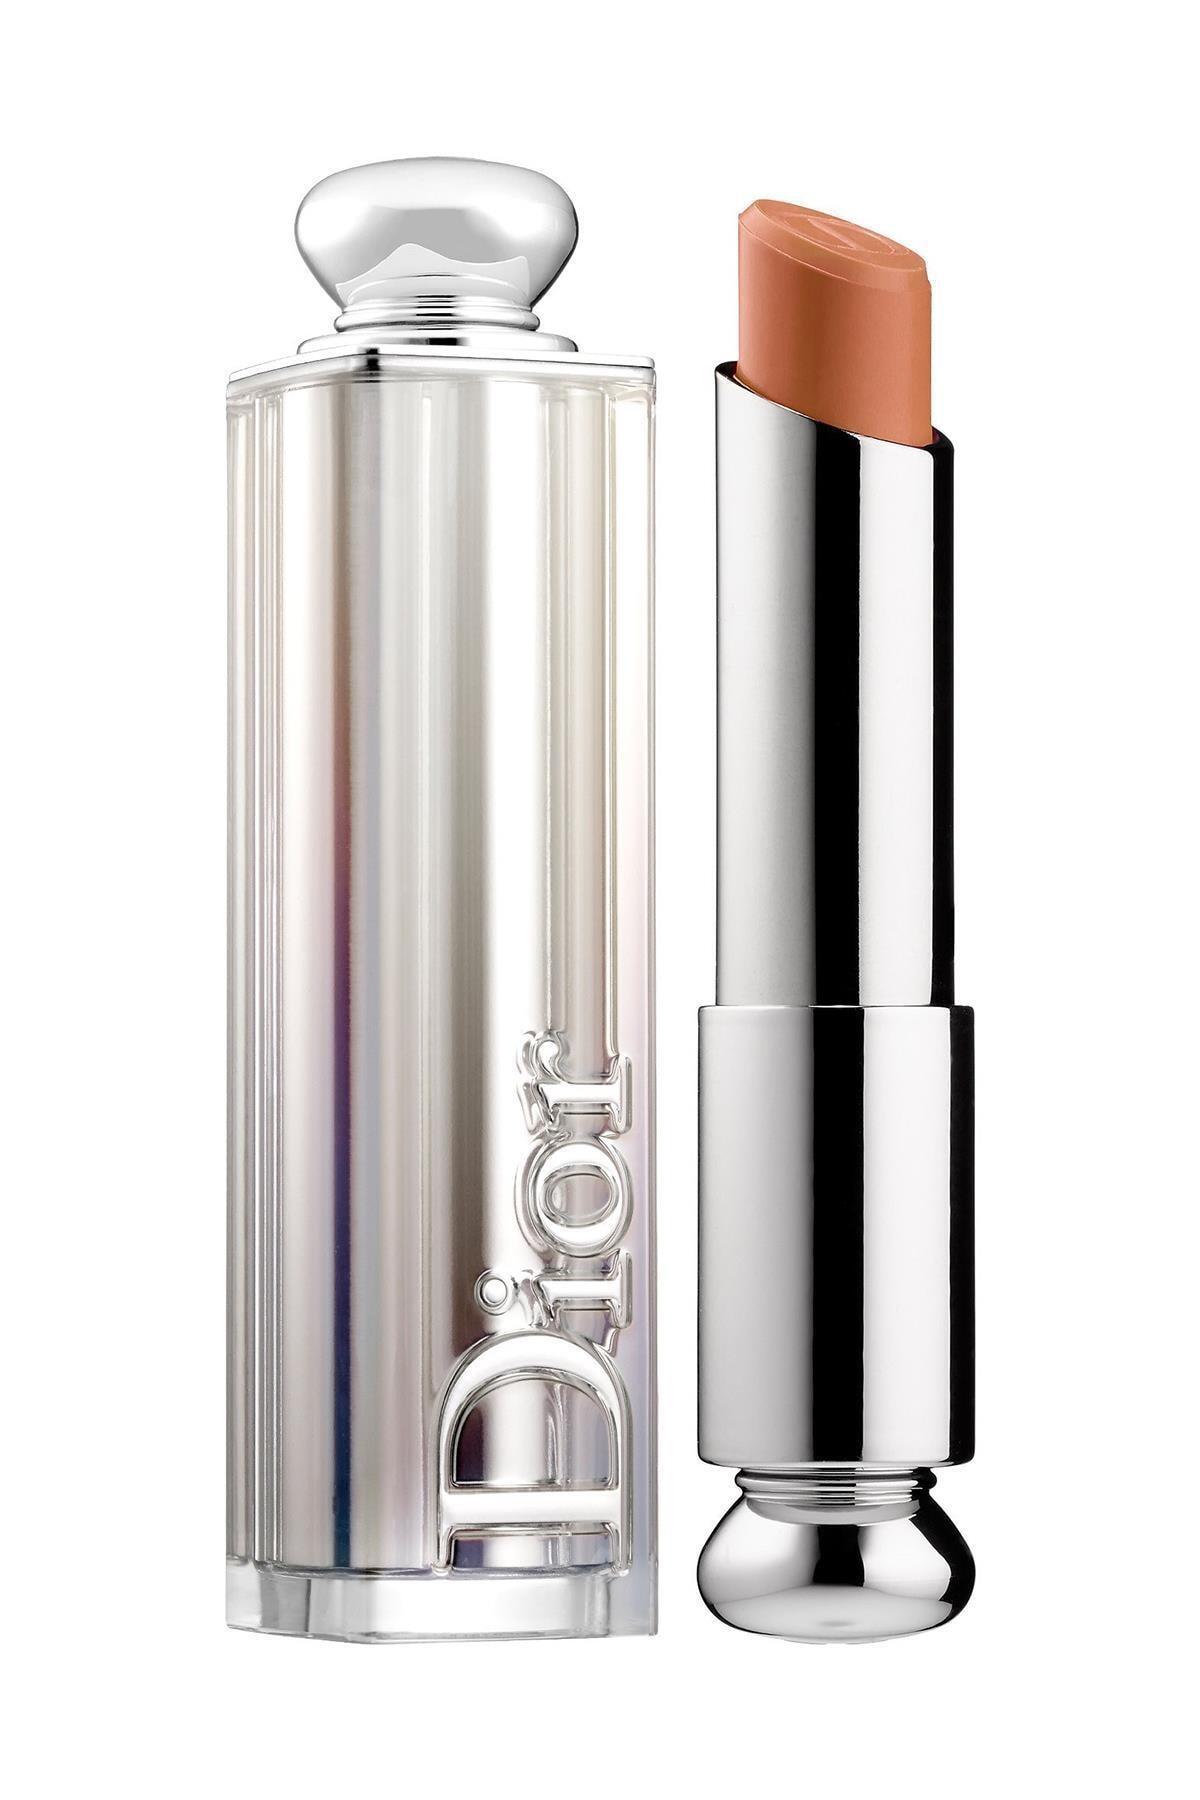 Dior Addict Lipstick 622 Confident Ruj 1